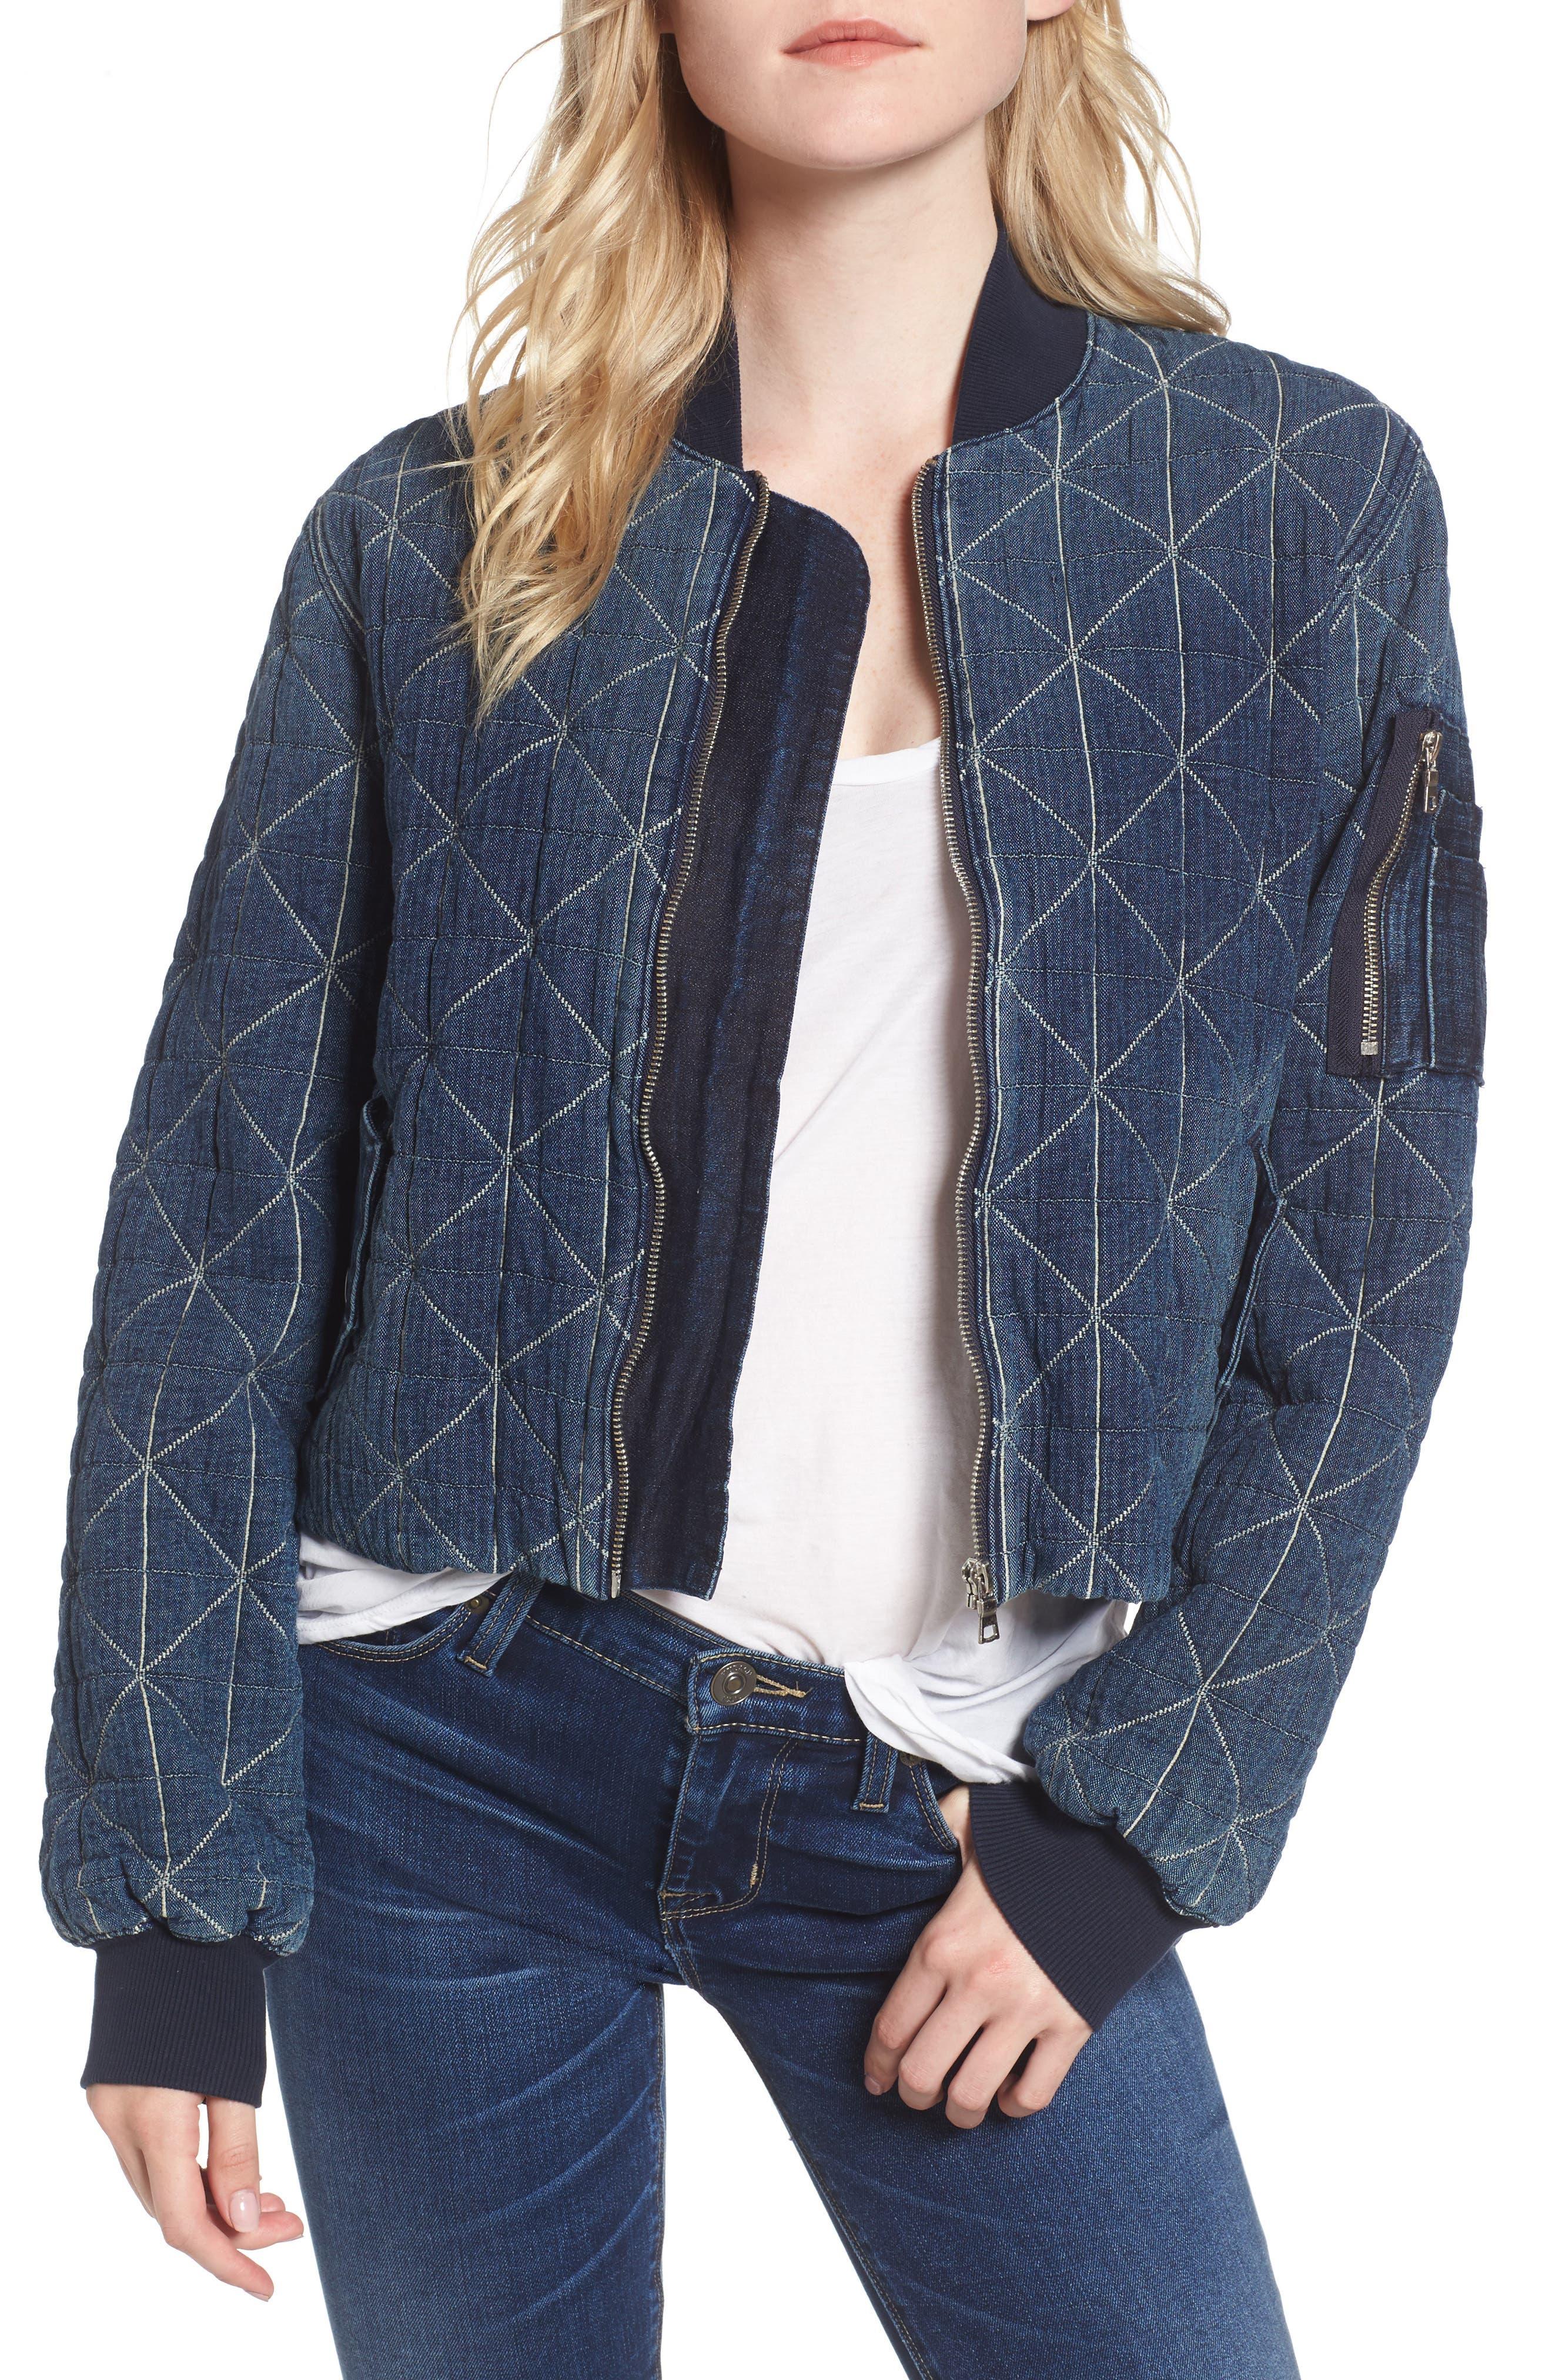 Hudson Jeans Gene Quilted Bomber Jacket